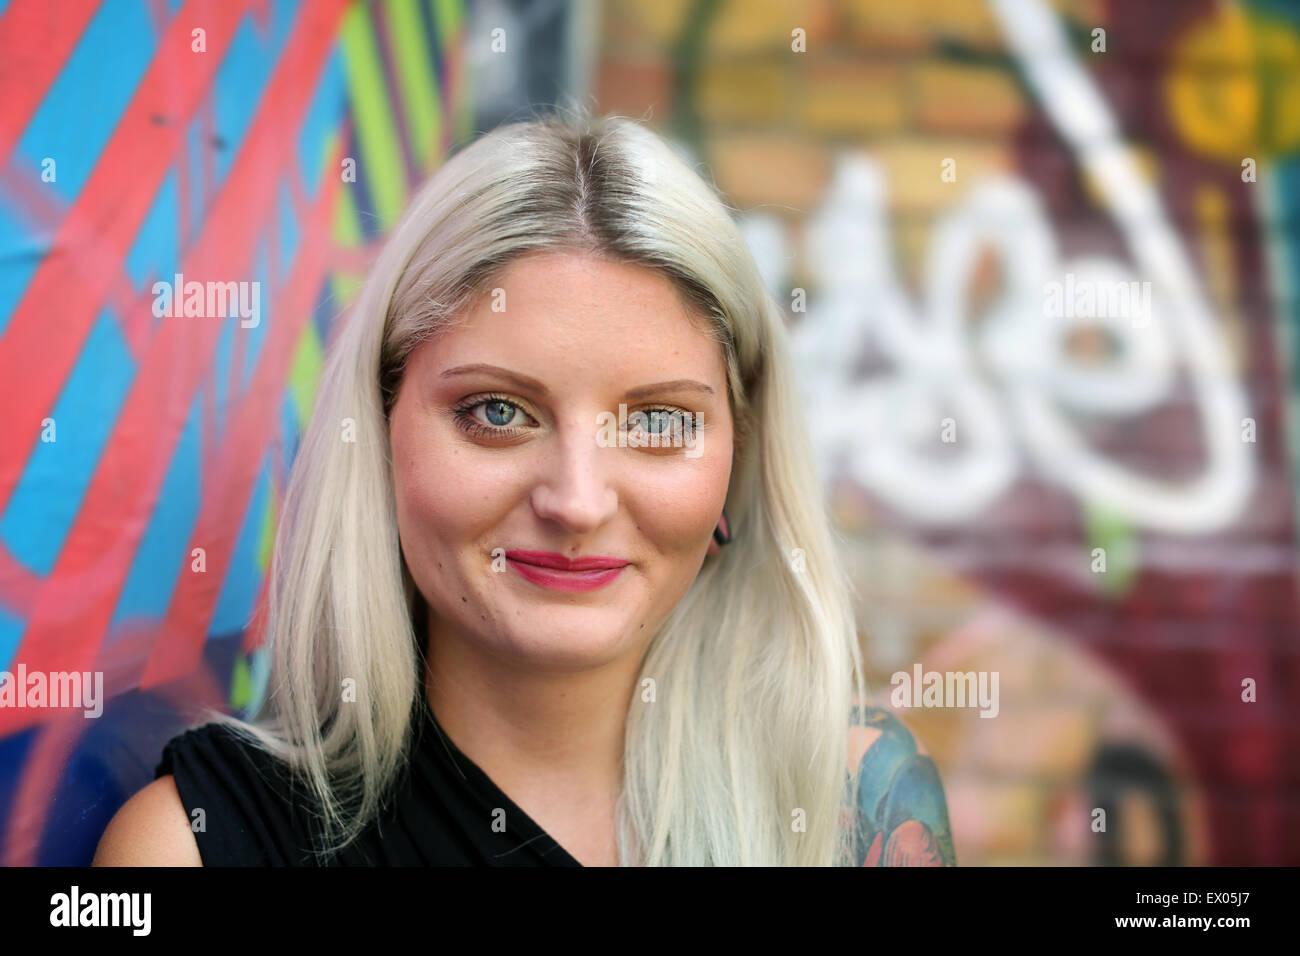 Portrait de jeune femme, graffiti en arrière-plan Photo Stock